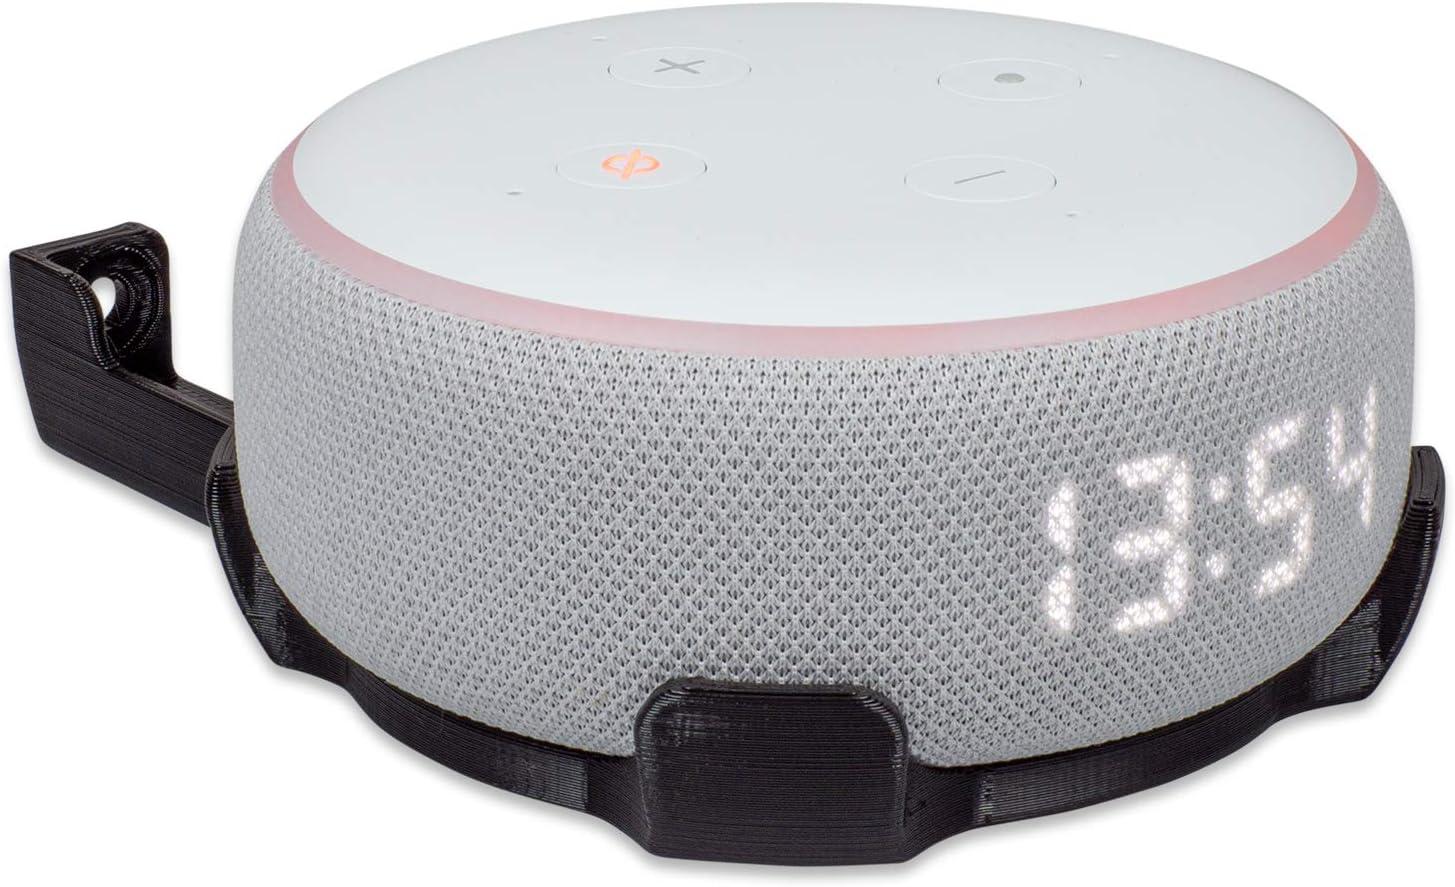 Wandhalterung Für Amazon Echo Dot 3 Generation Mit Elektronik